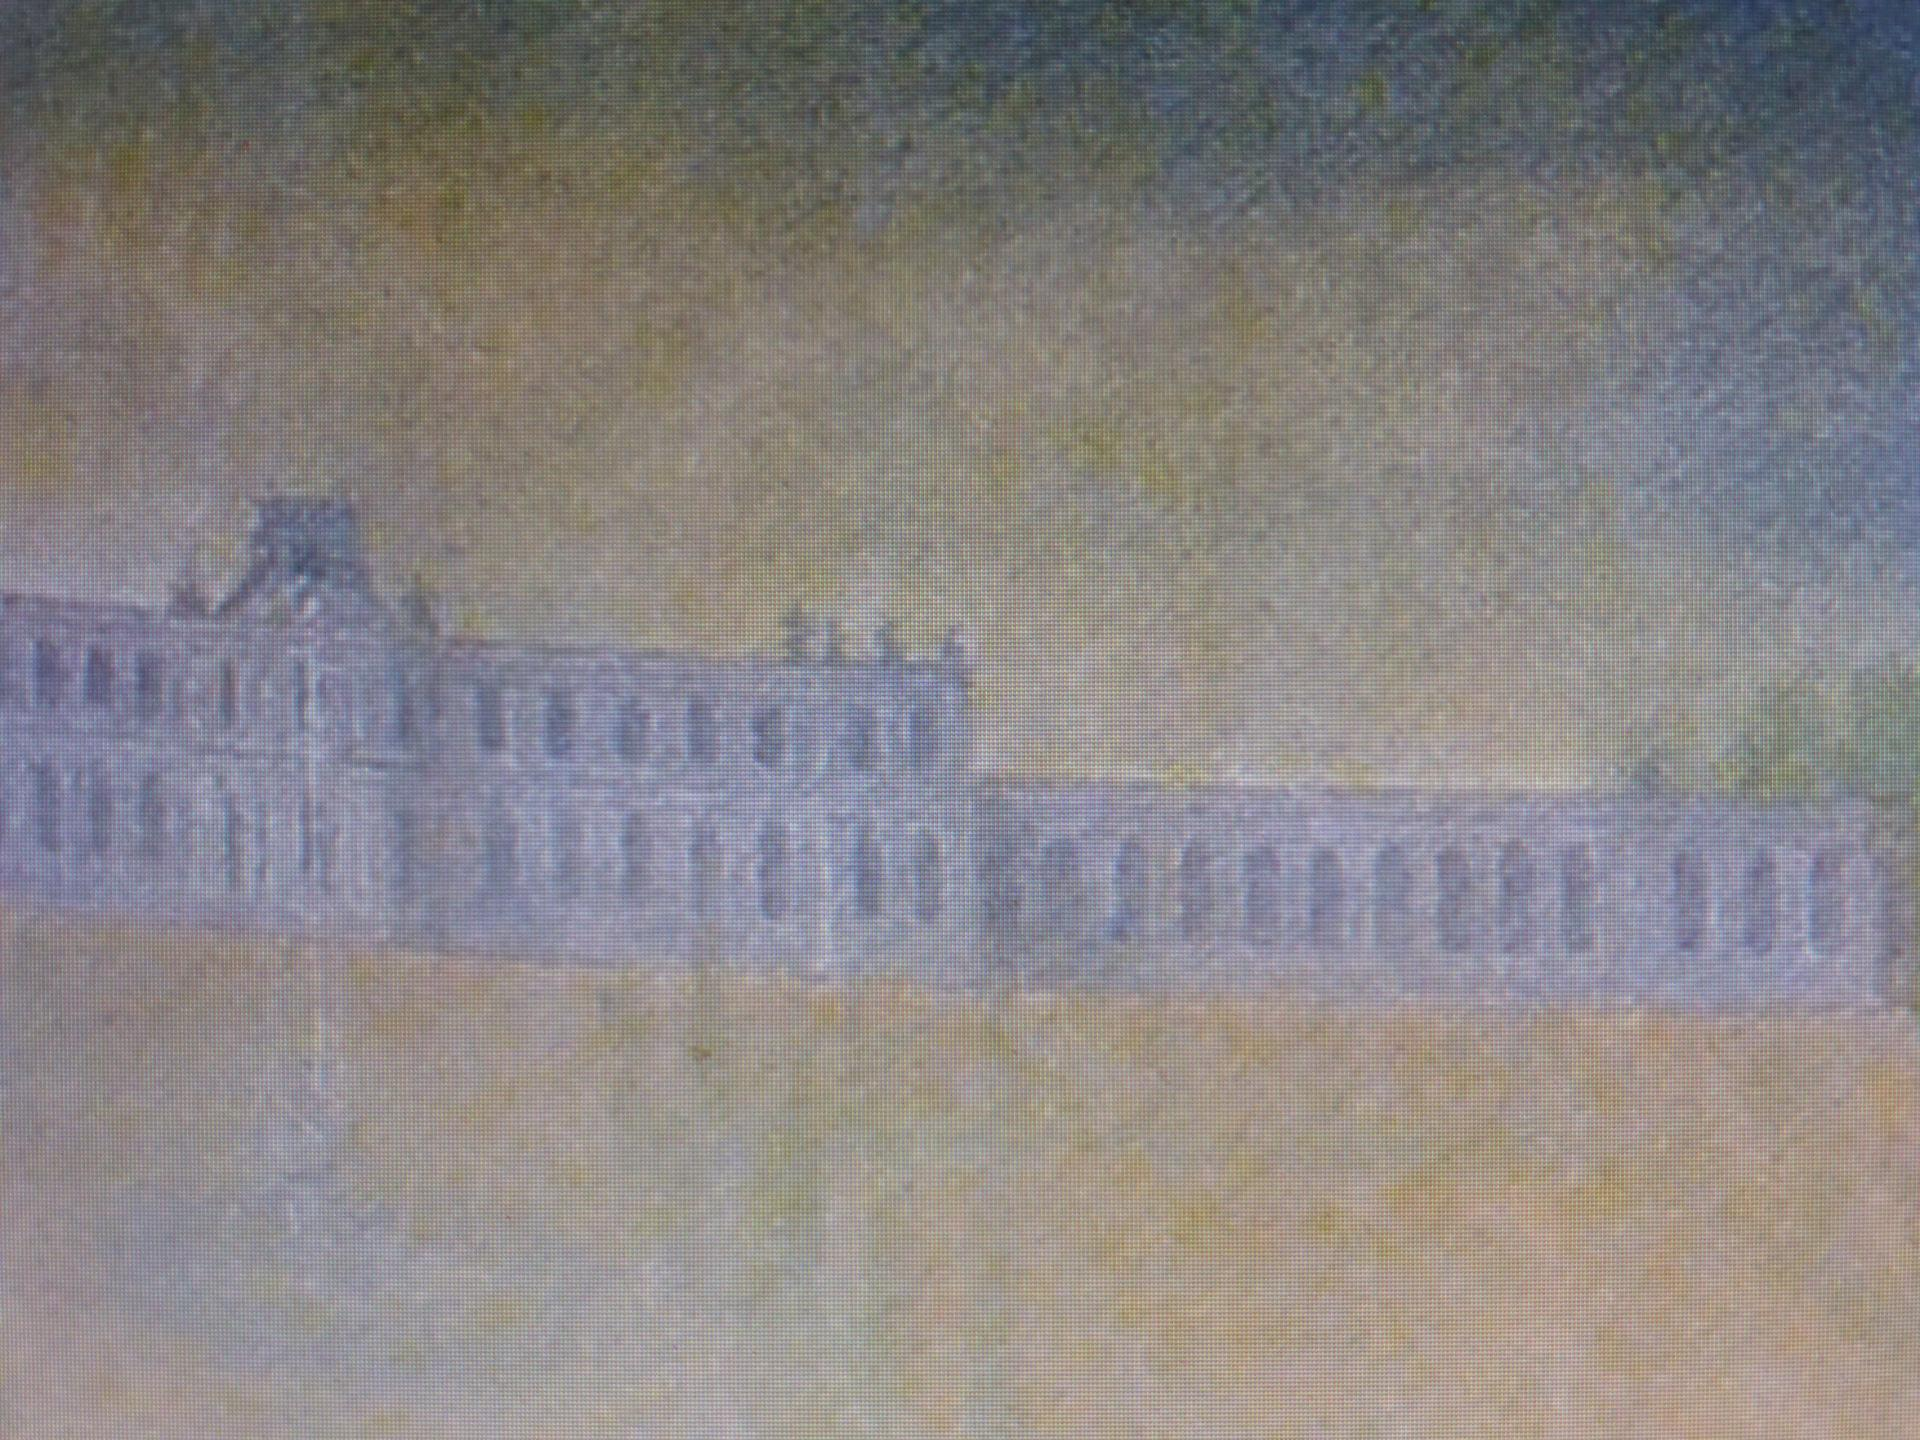 Le château de Jägersburg en 1757 (détail du tableau de Ziesenis), cl. Ph. Cachau